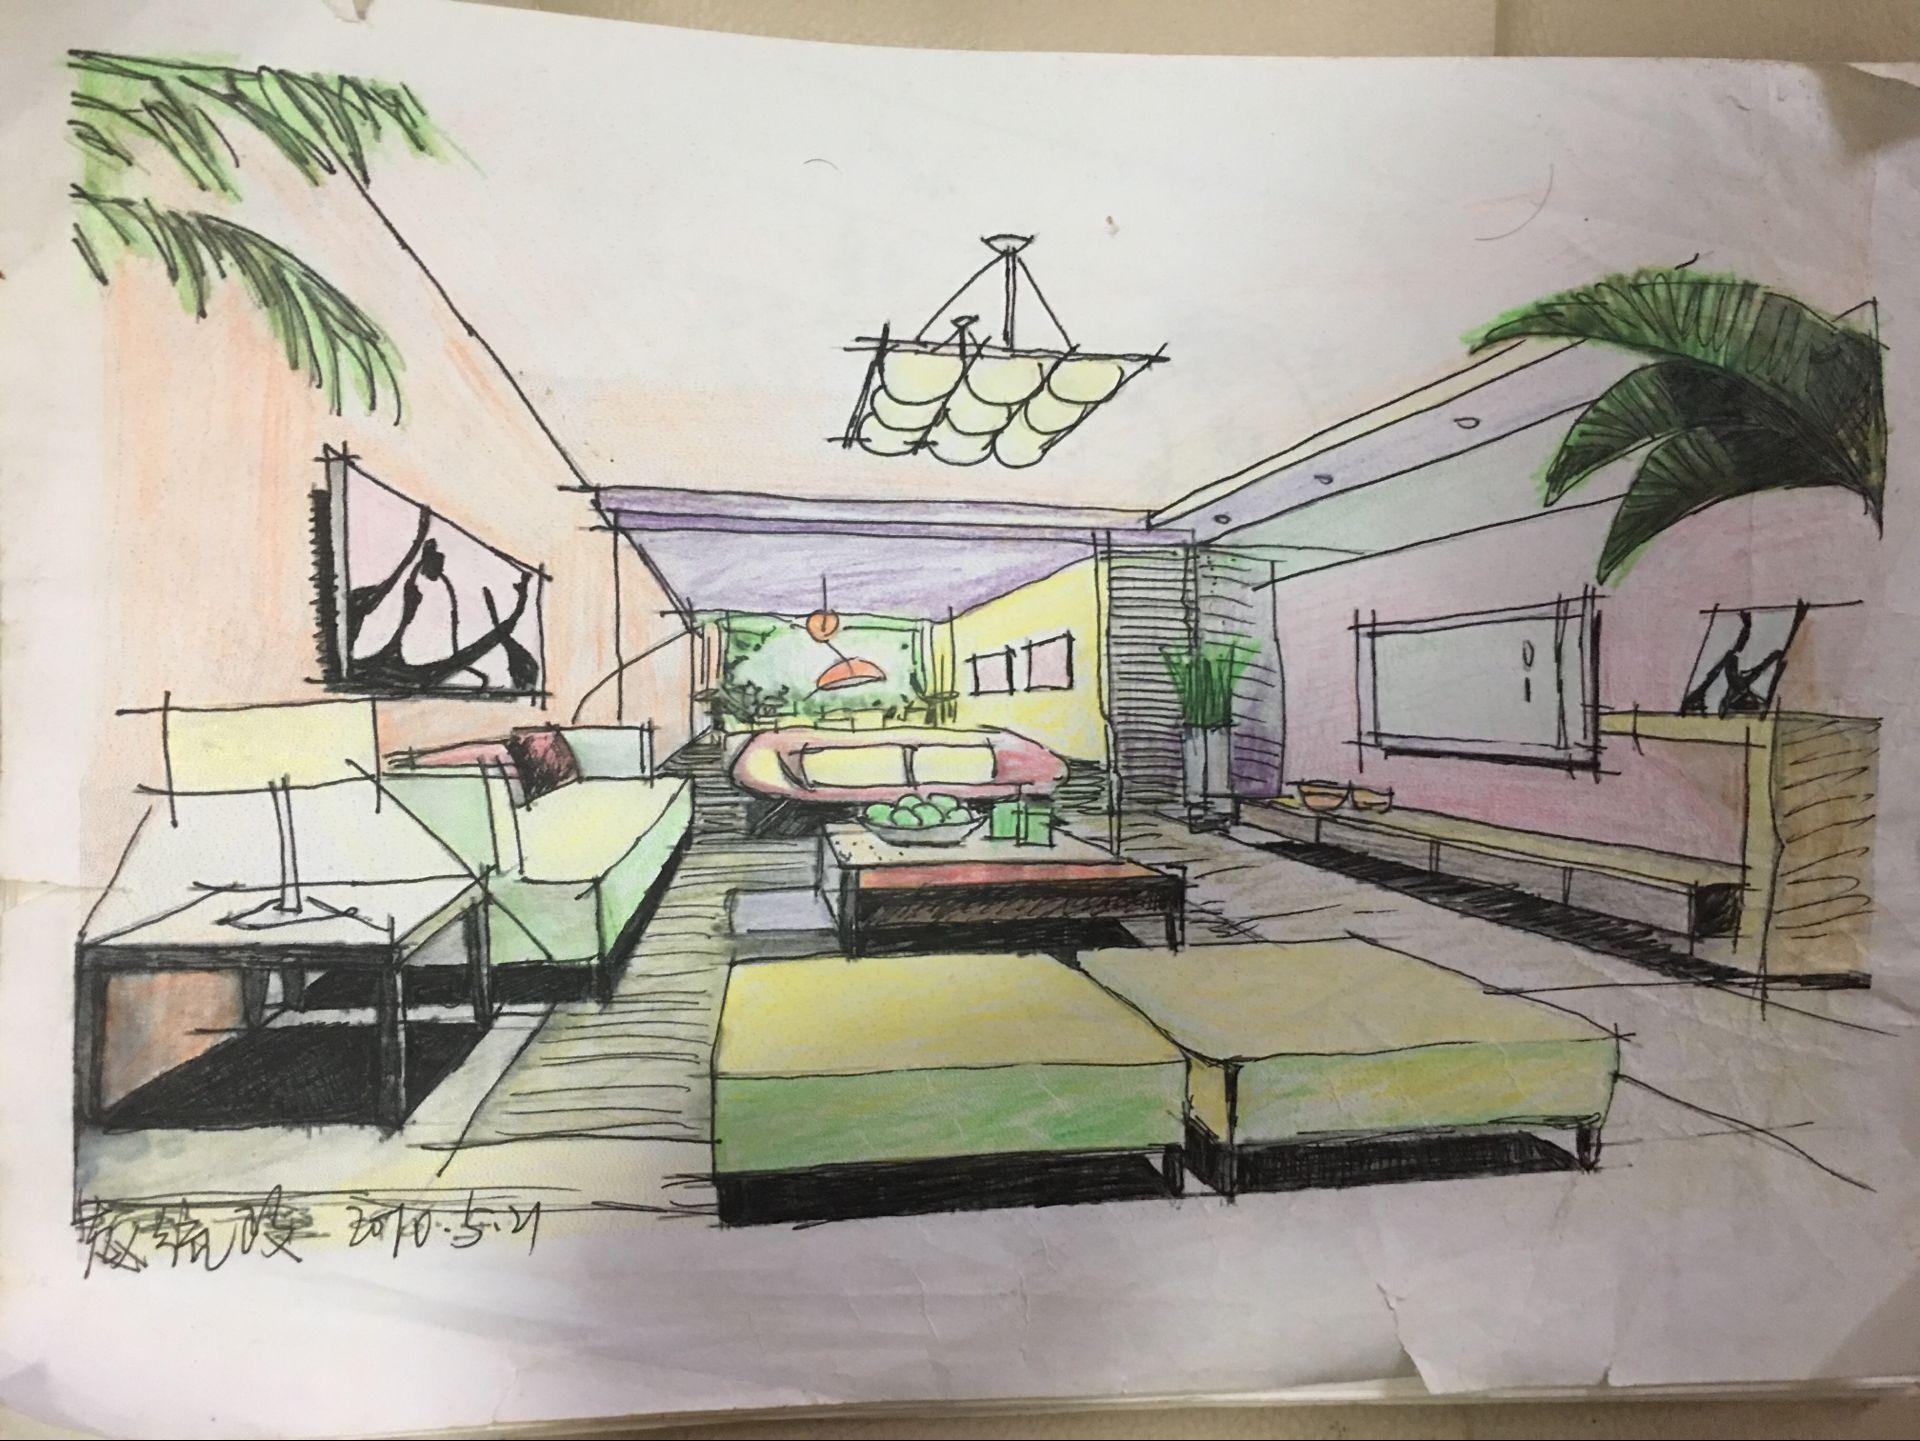 手绘图|空间|建筑设计|tesiro_zhao - 原创作品